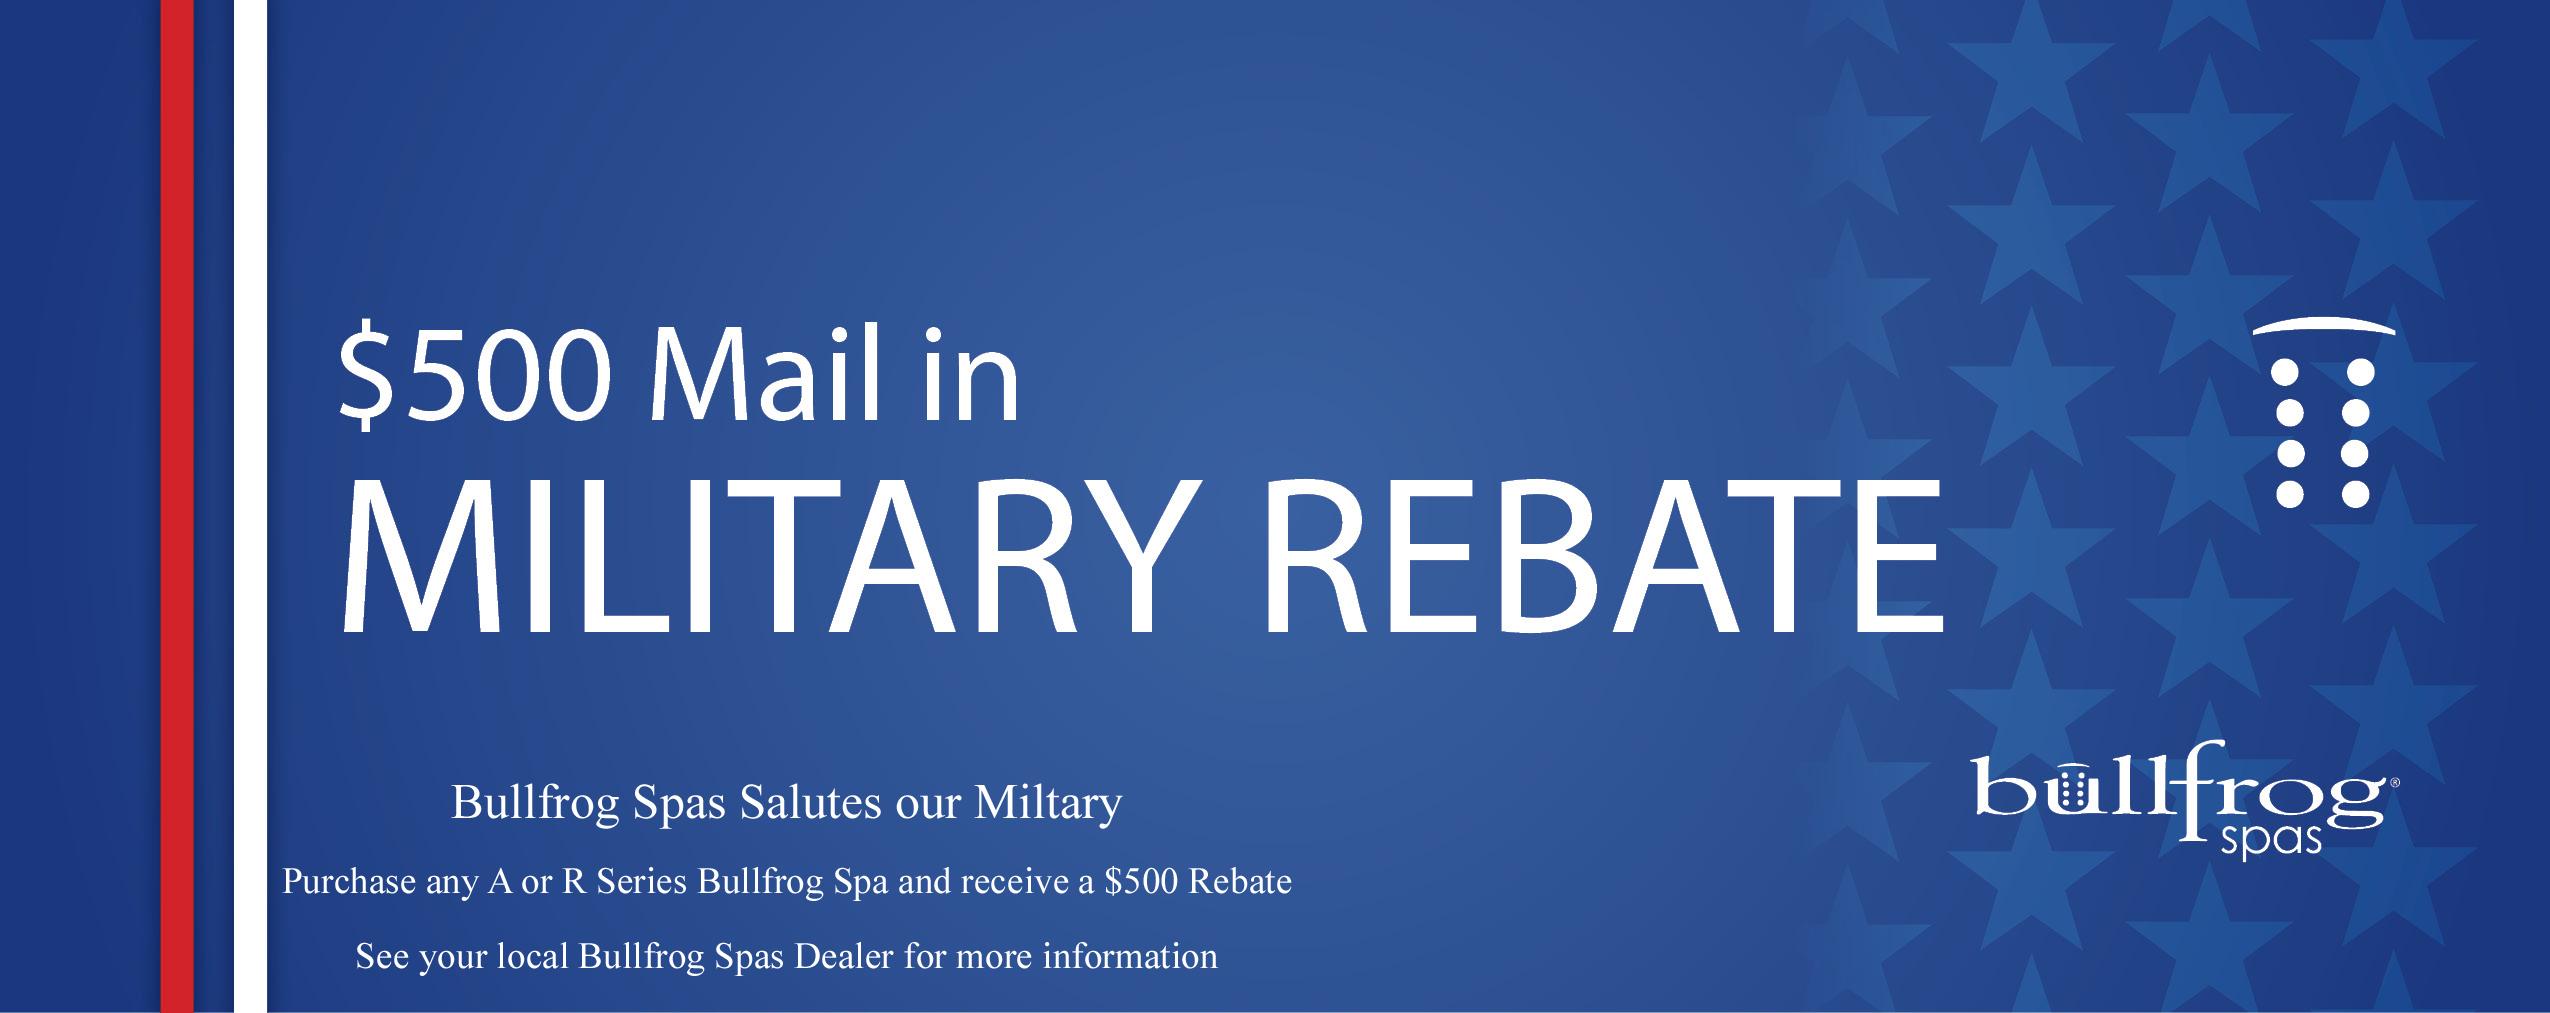 Bullfrog Spas Mail In Military Rebate